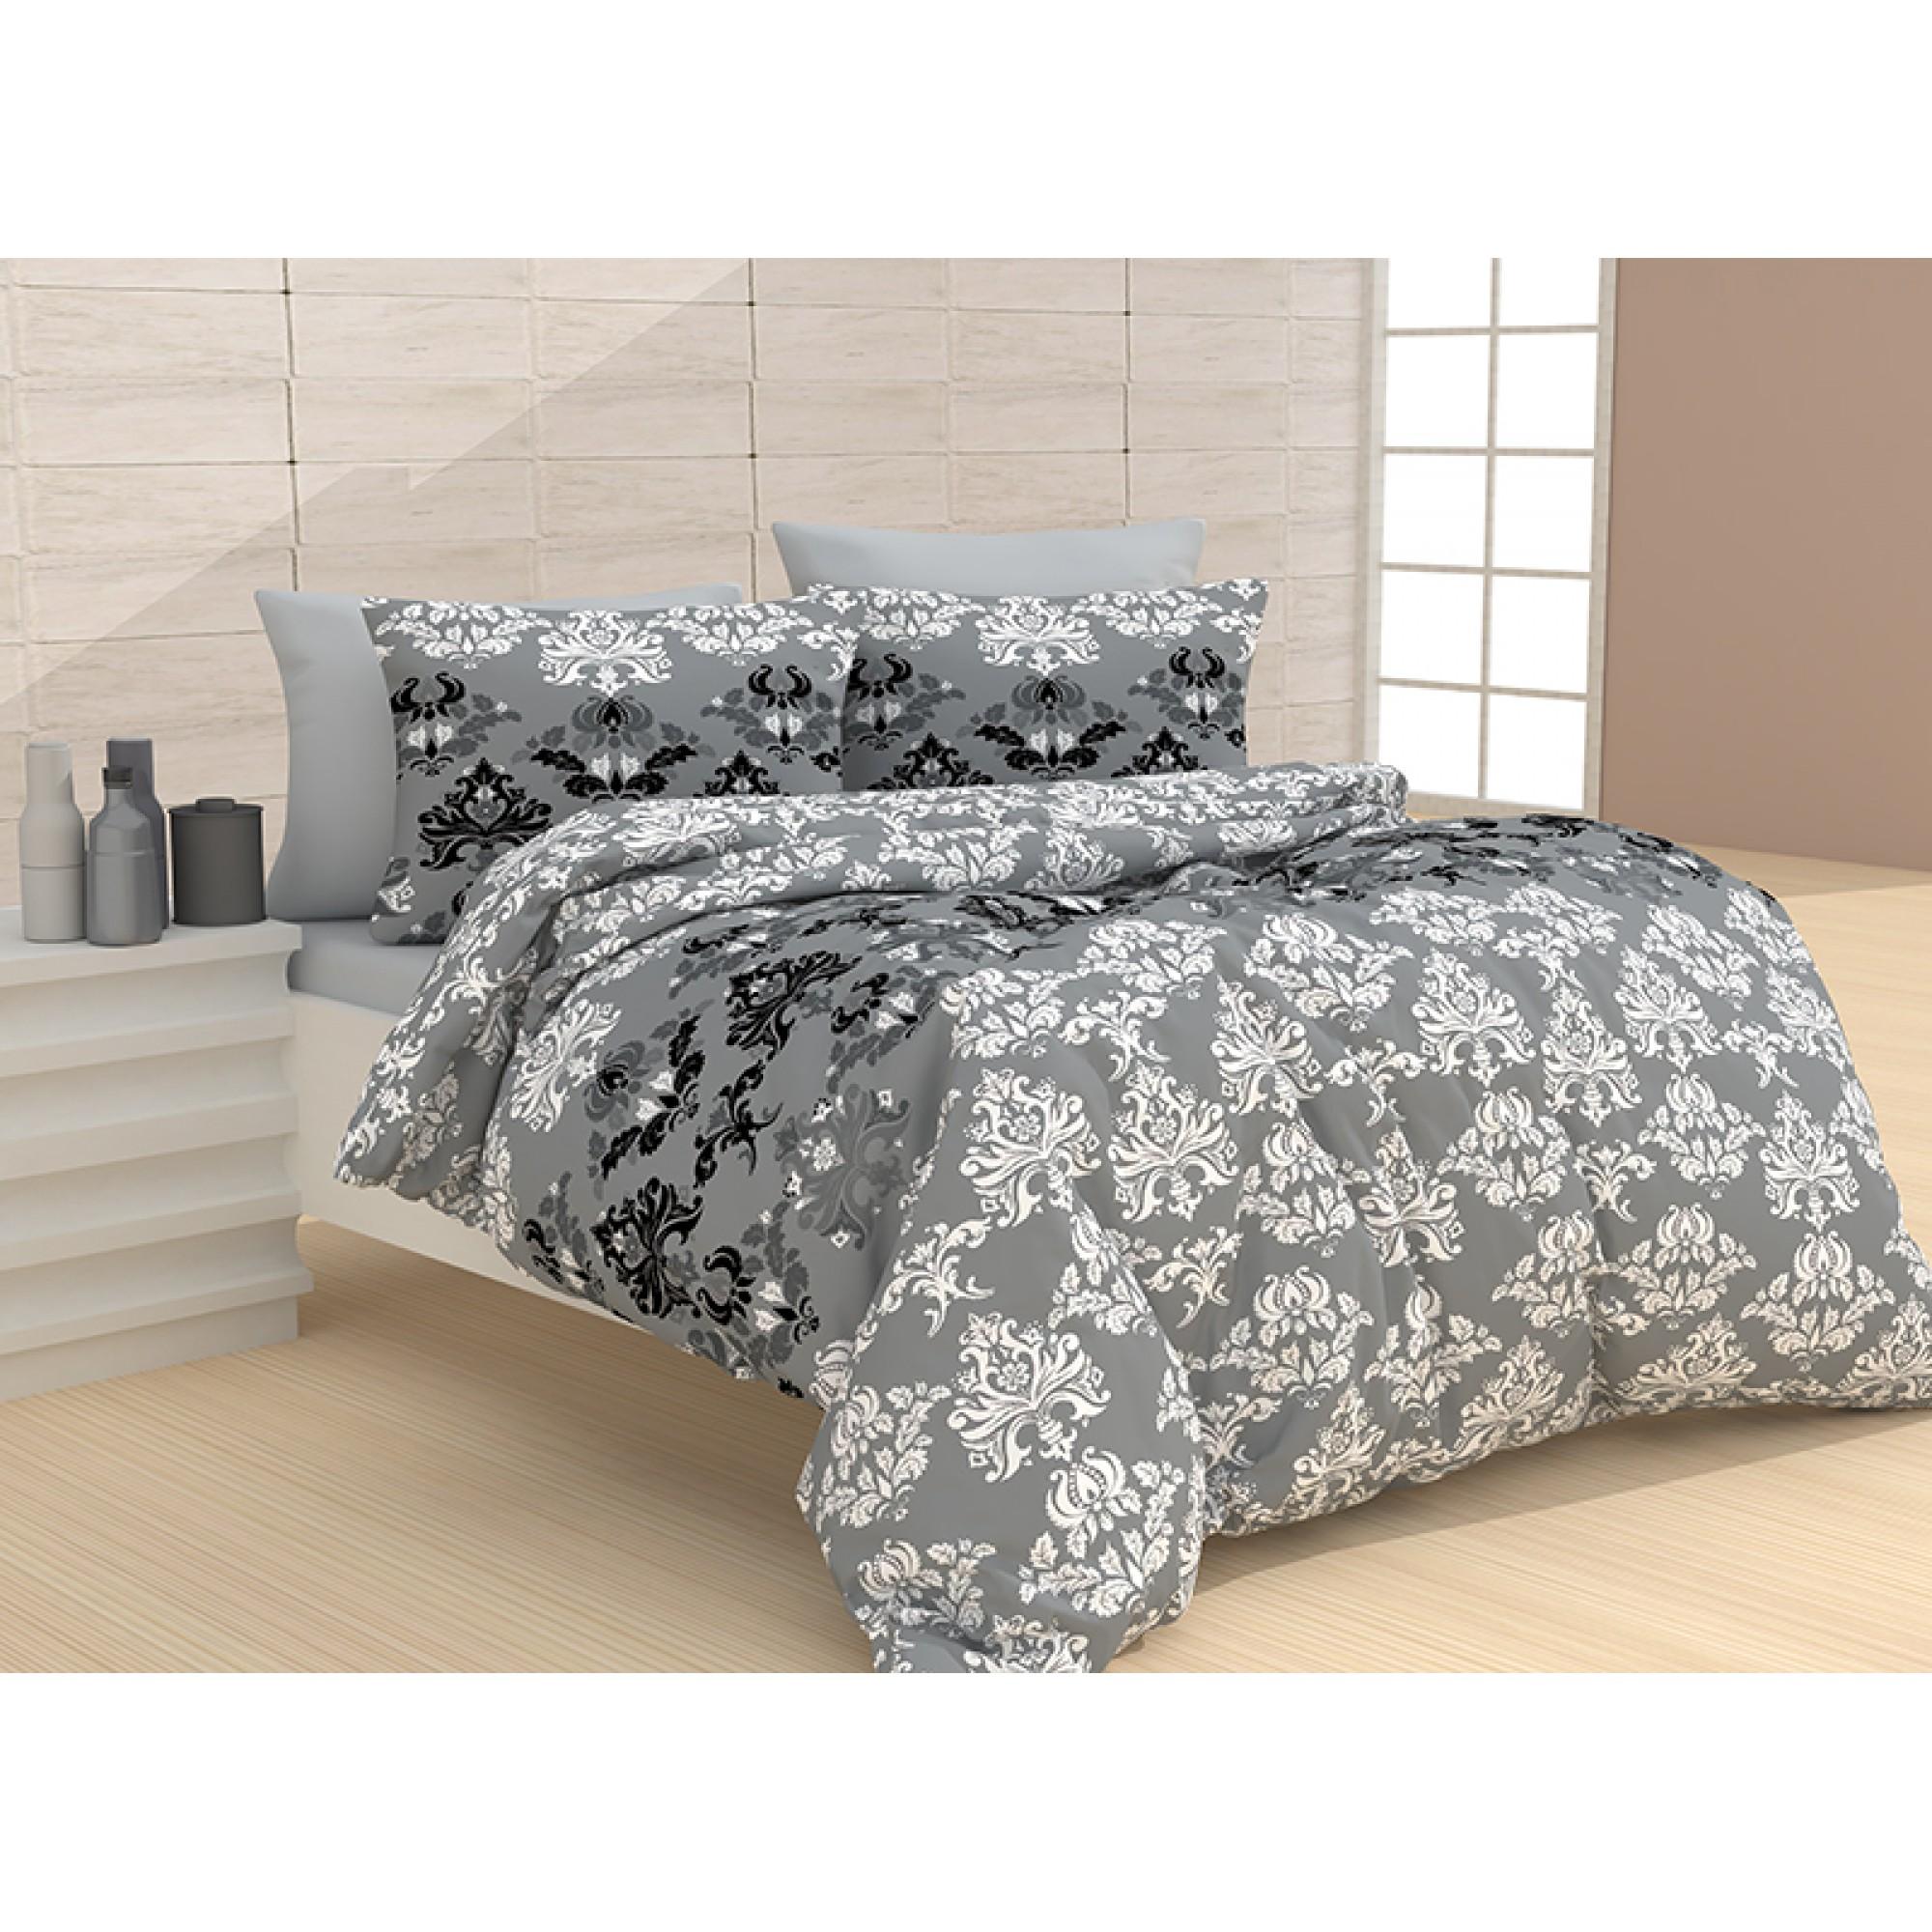 Памучно спално бельо Диза в сиво